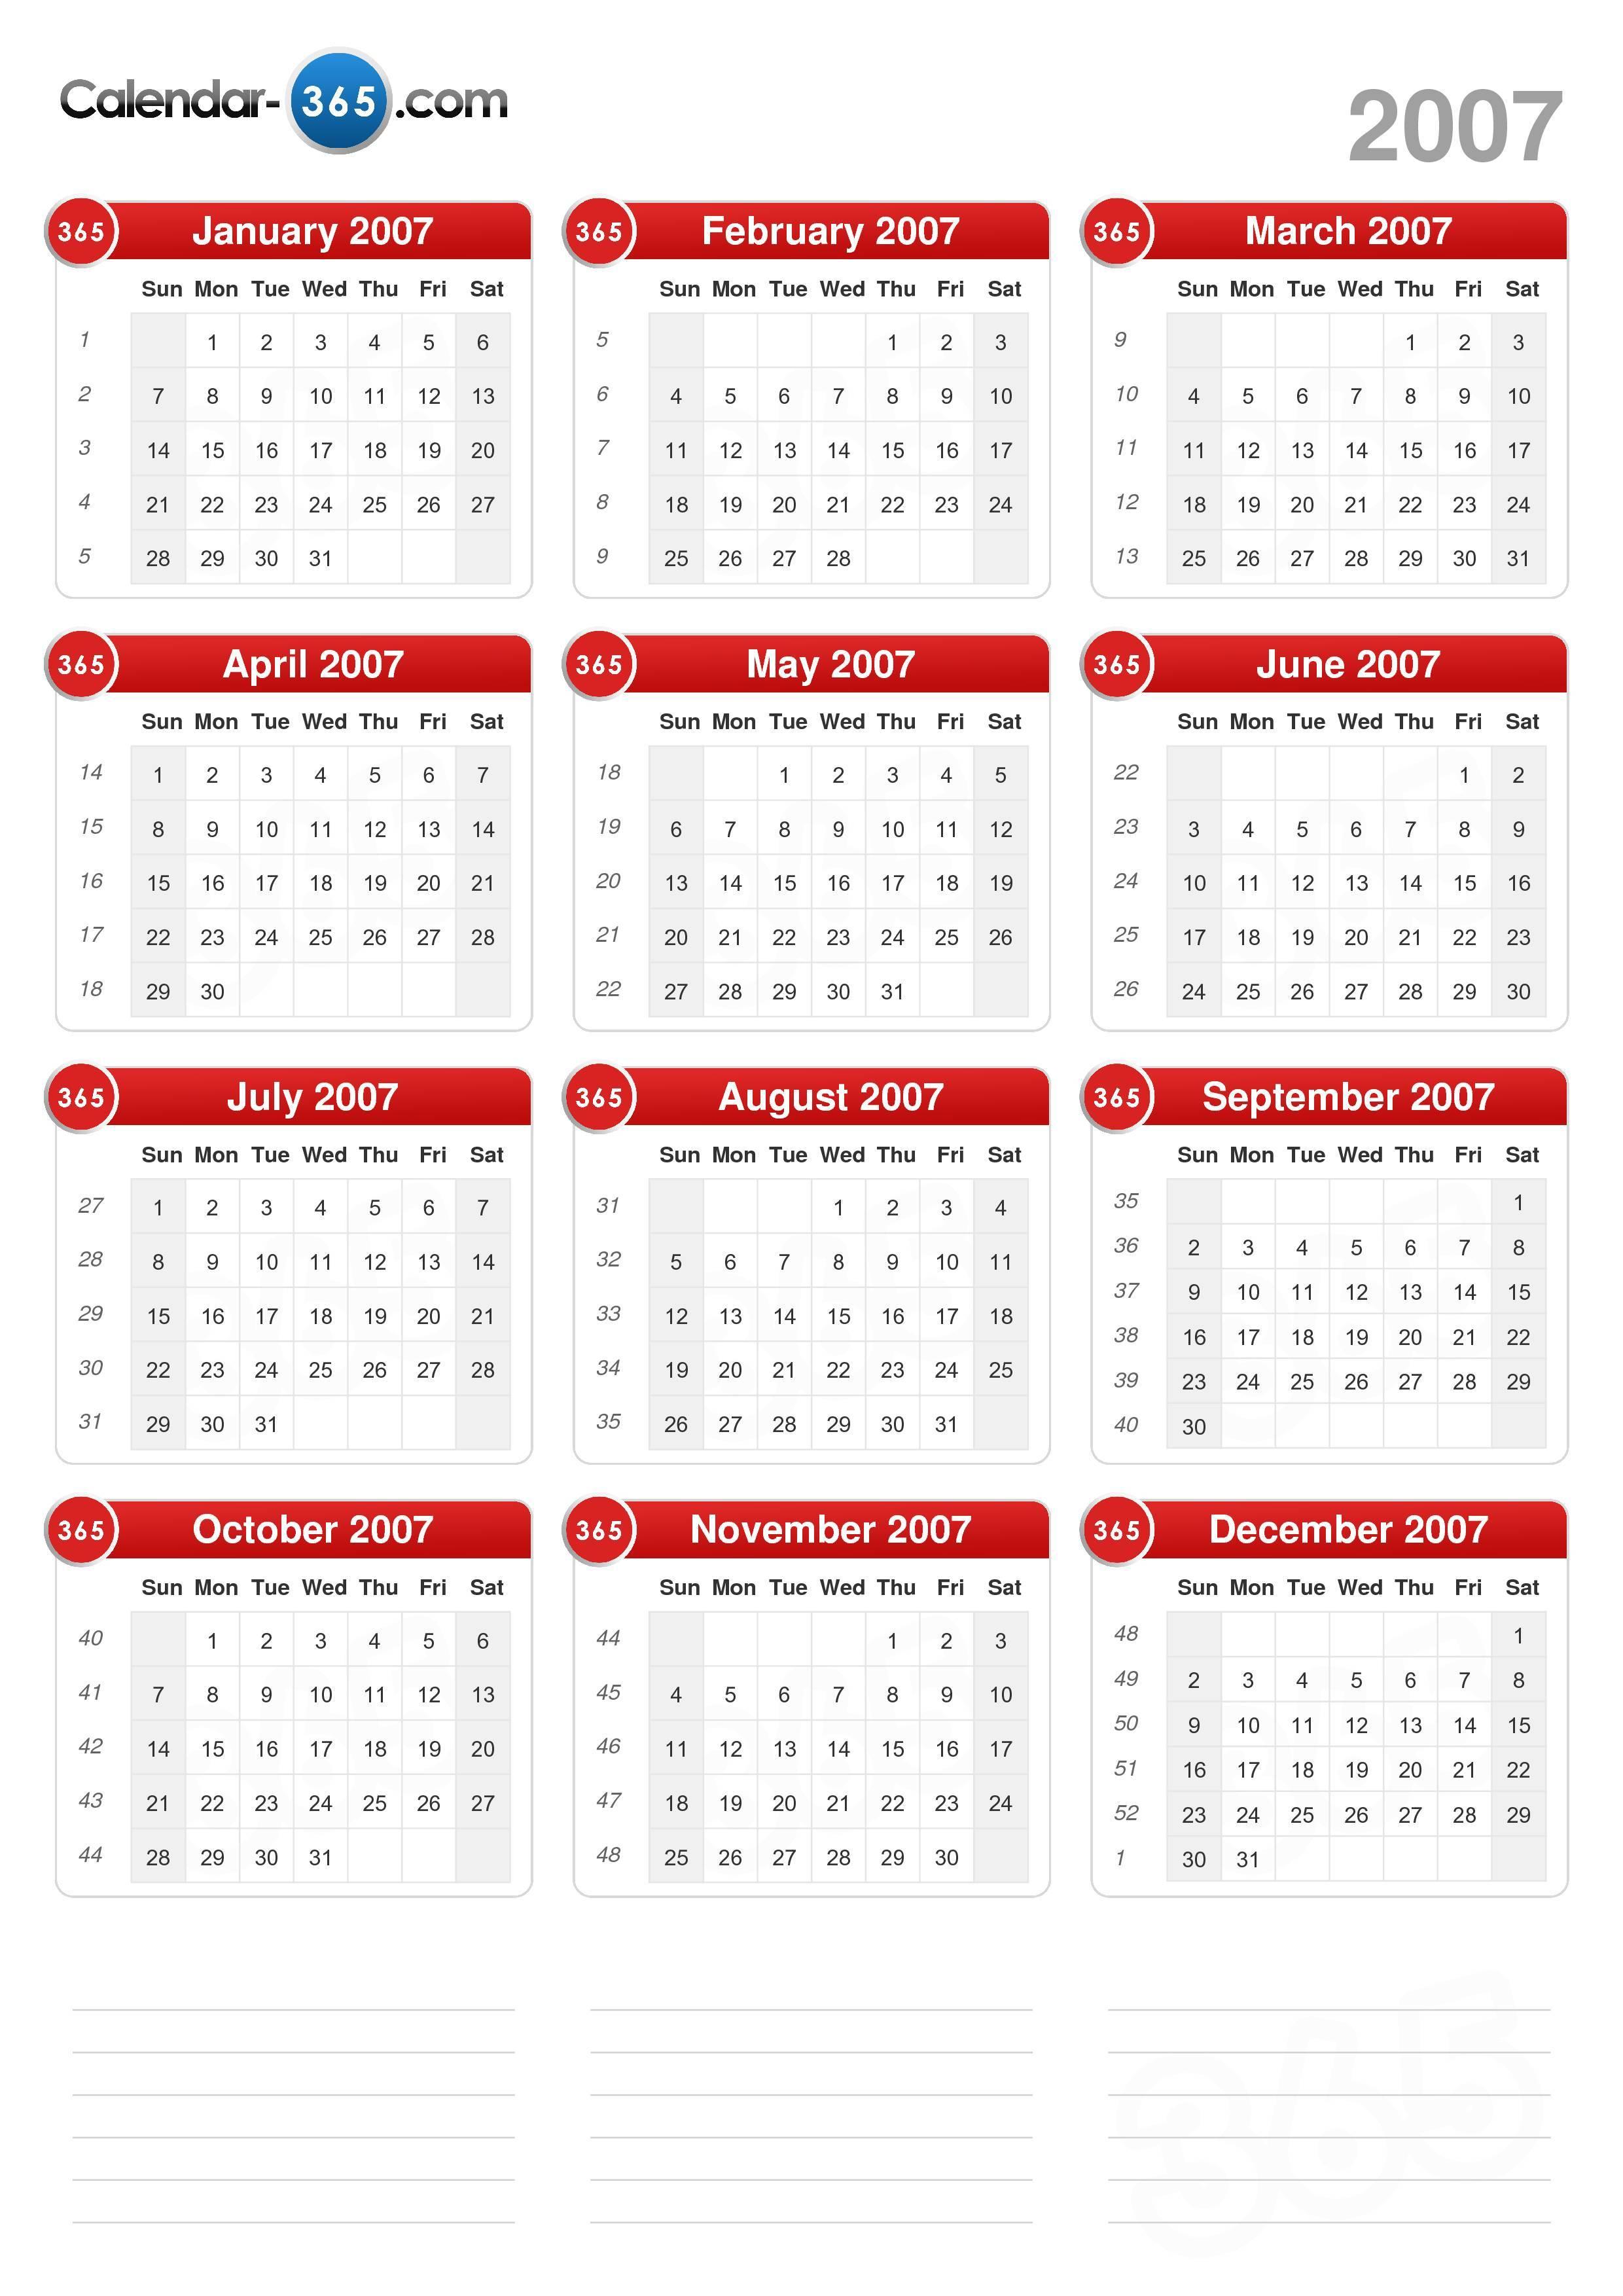 2007 Calendar throughout Printable 2007 Calendar